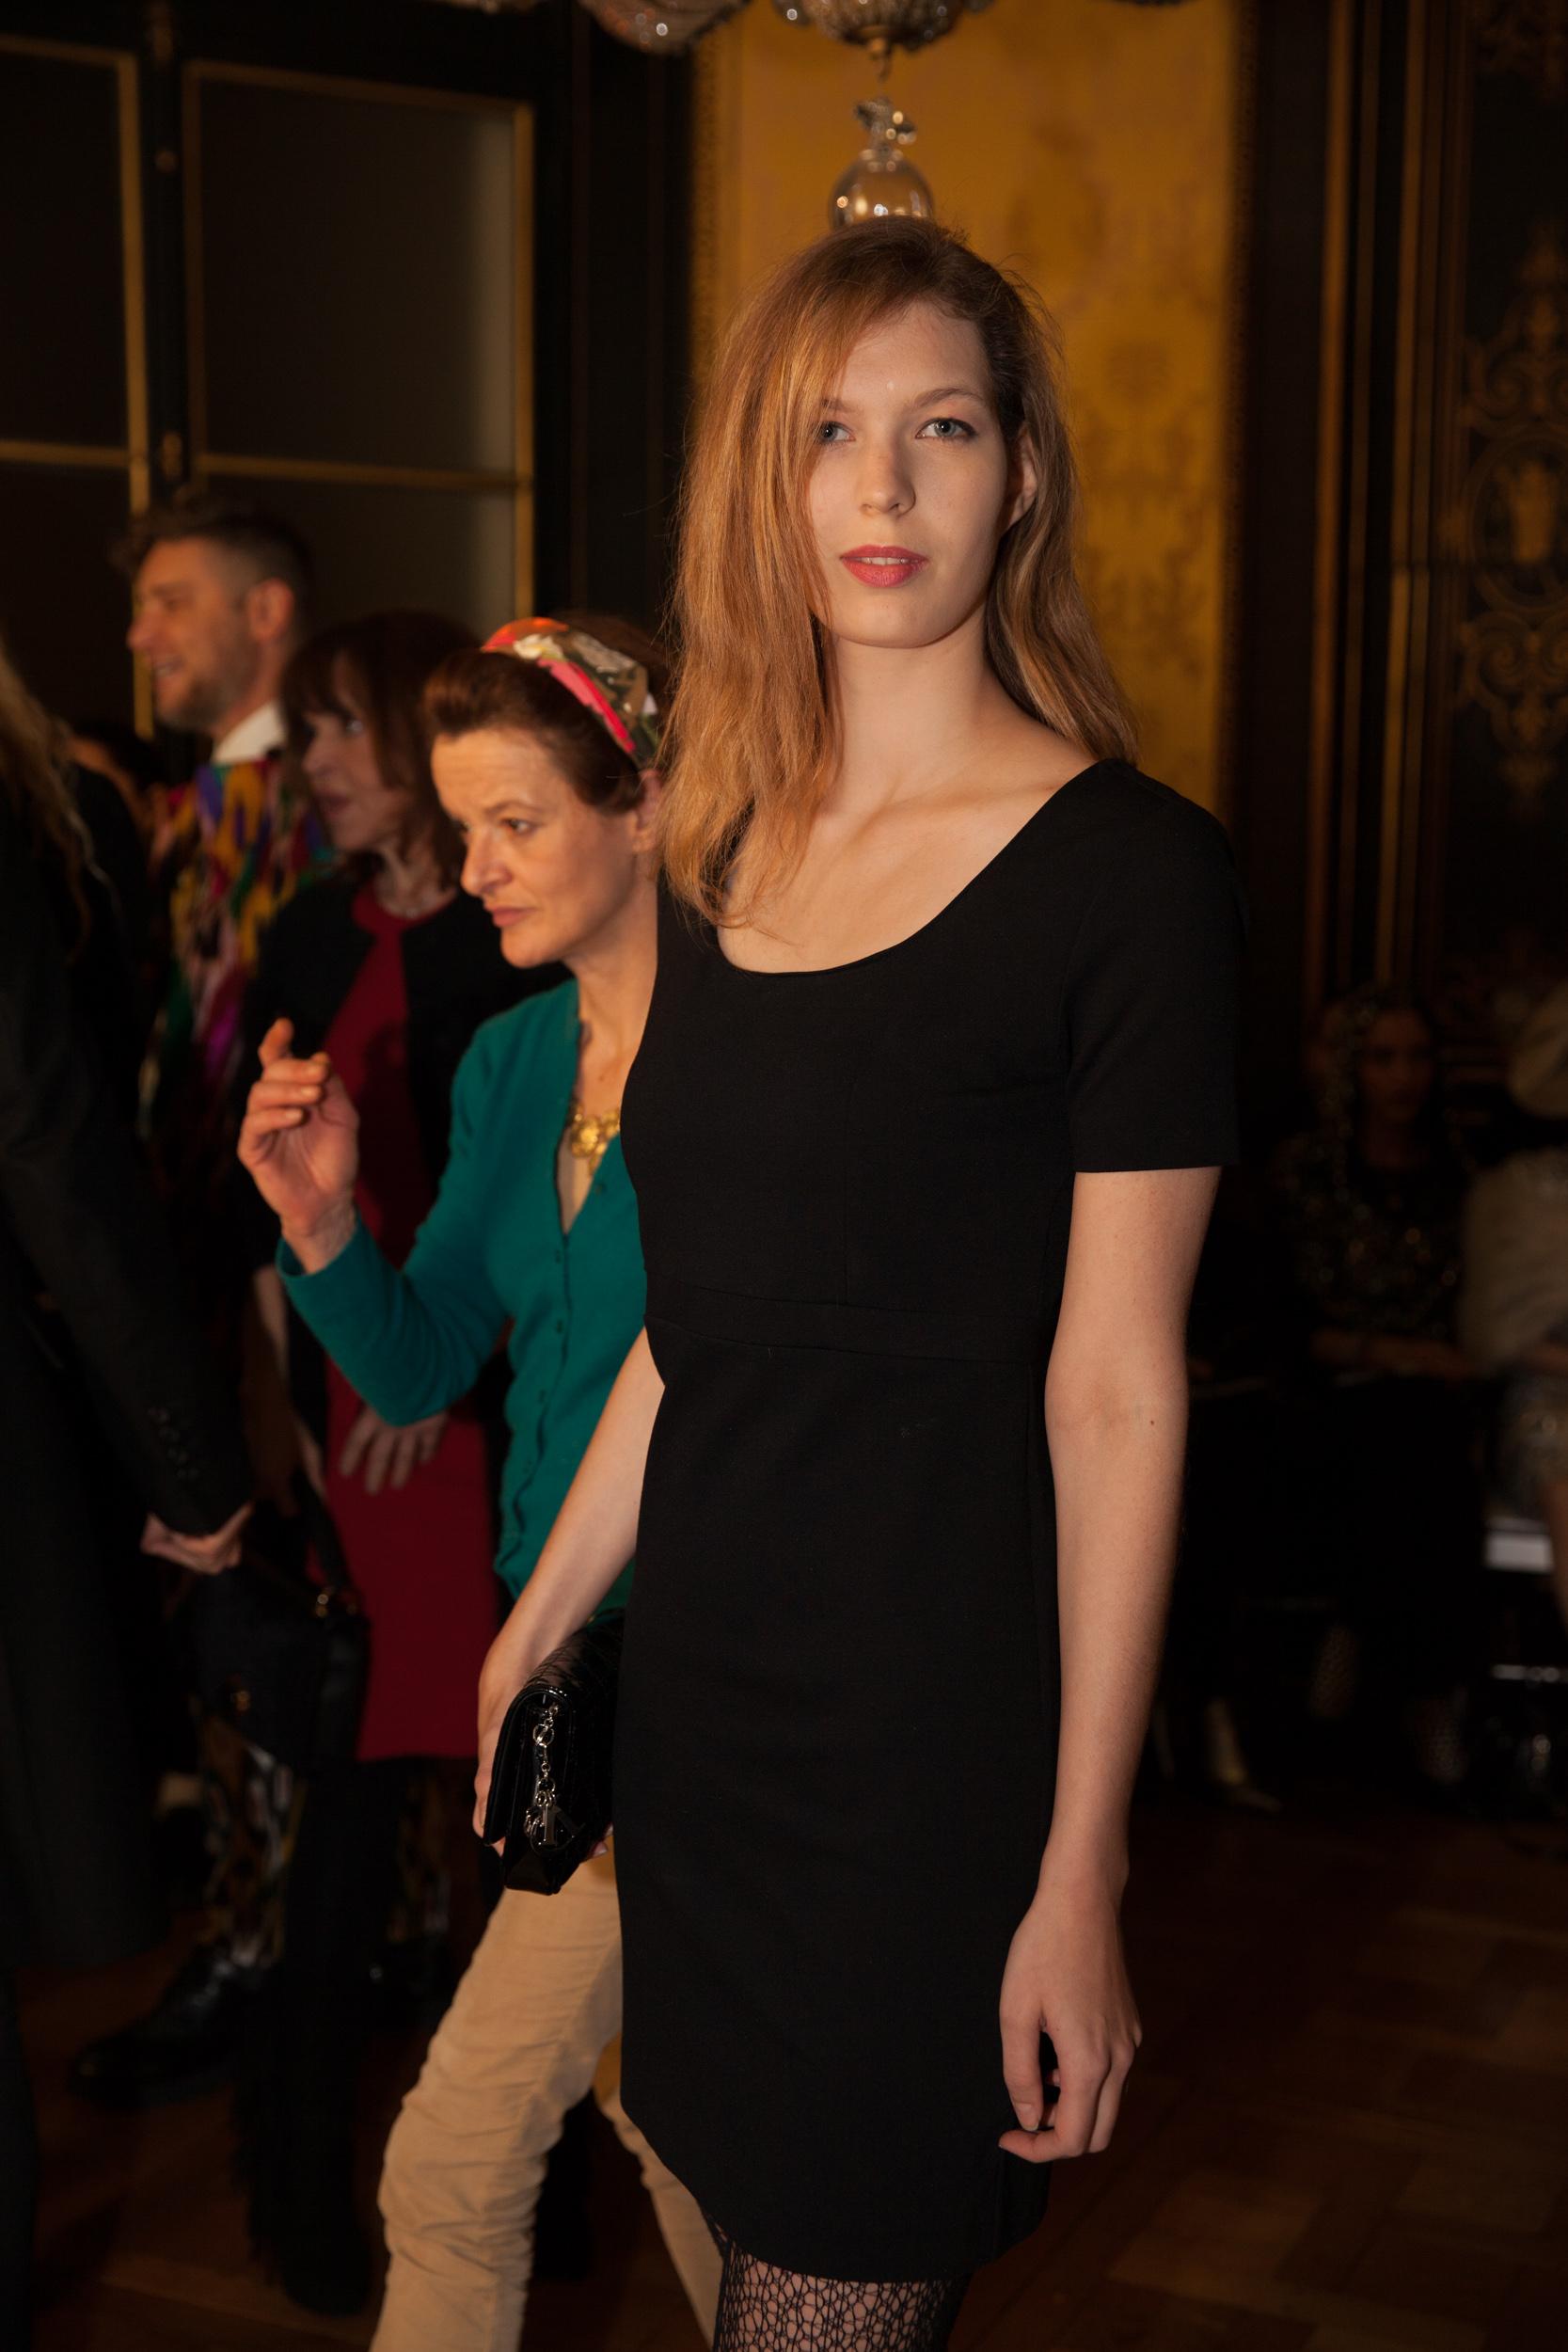 photo Melissa Mourer Ordener attends Paris Haute Couture Fashion Week telechargement gratuit